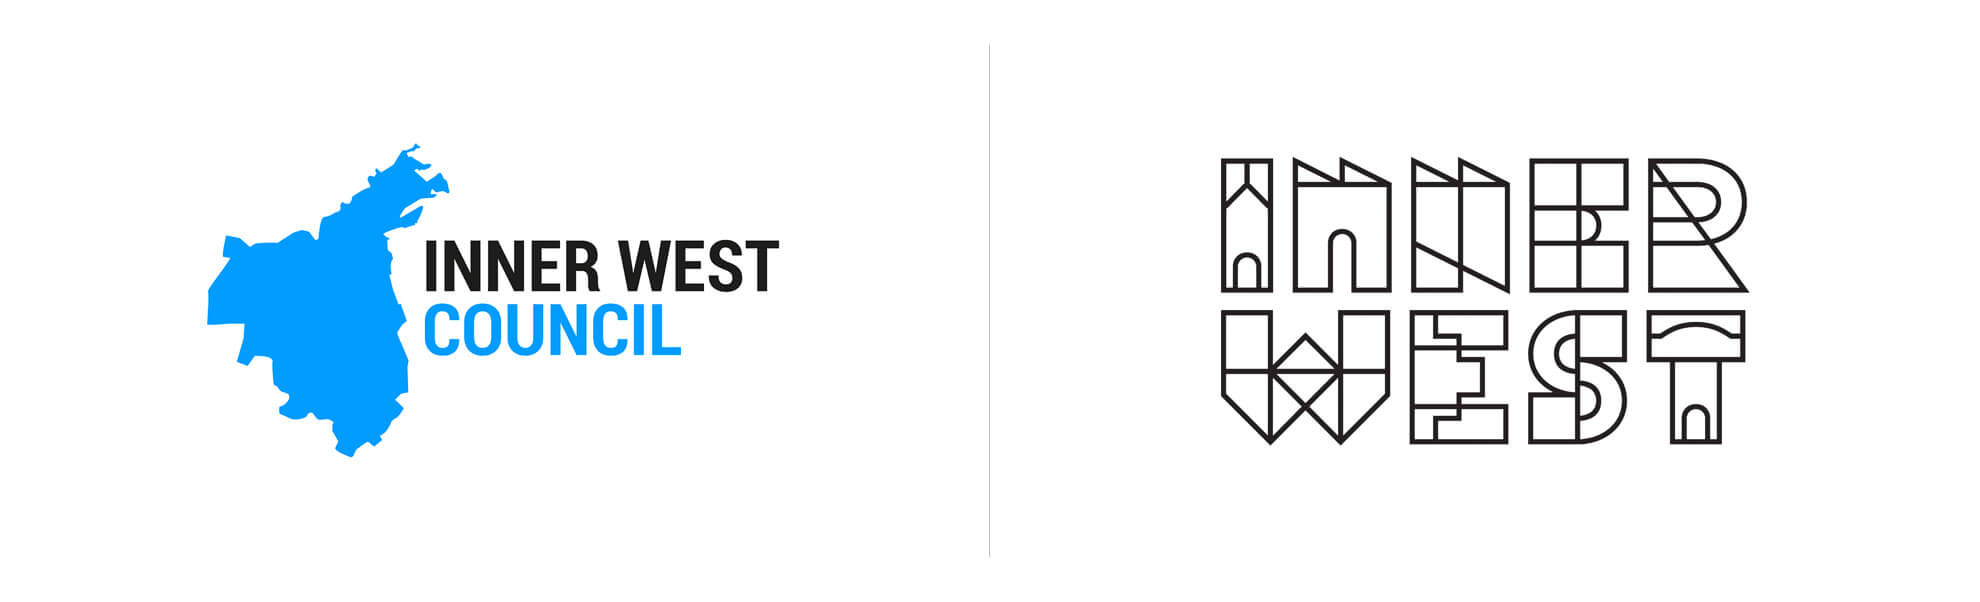 inner west logo